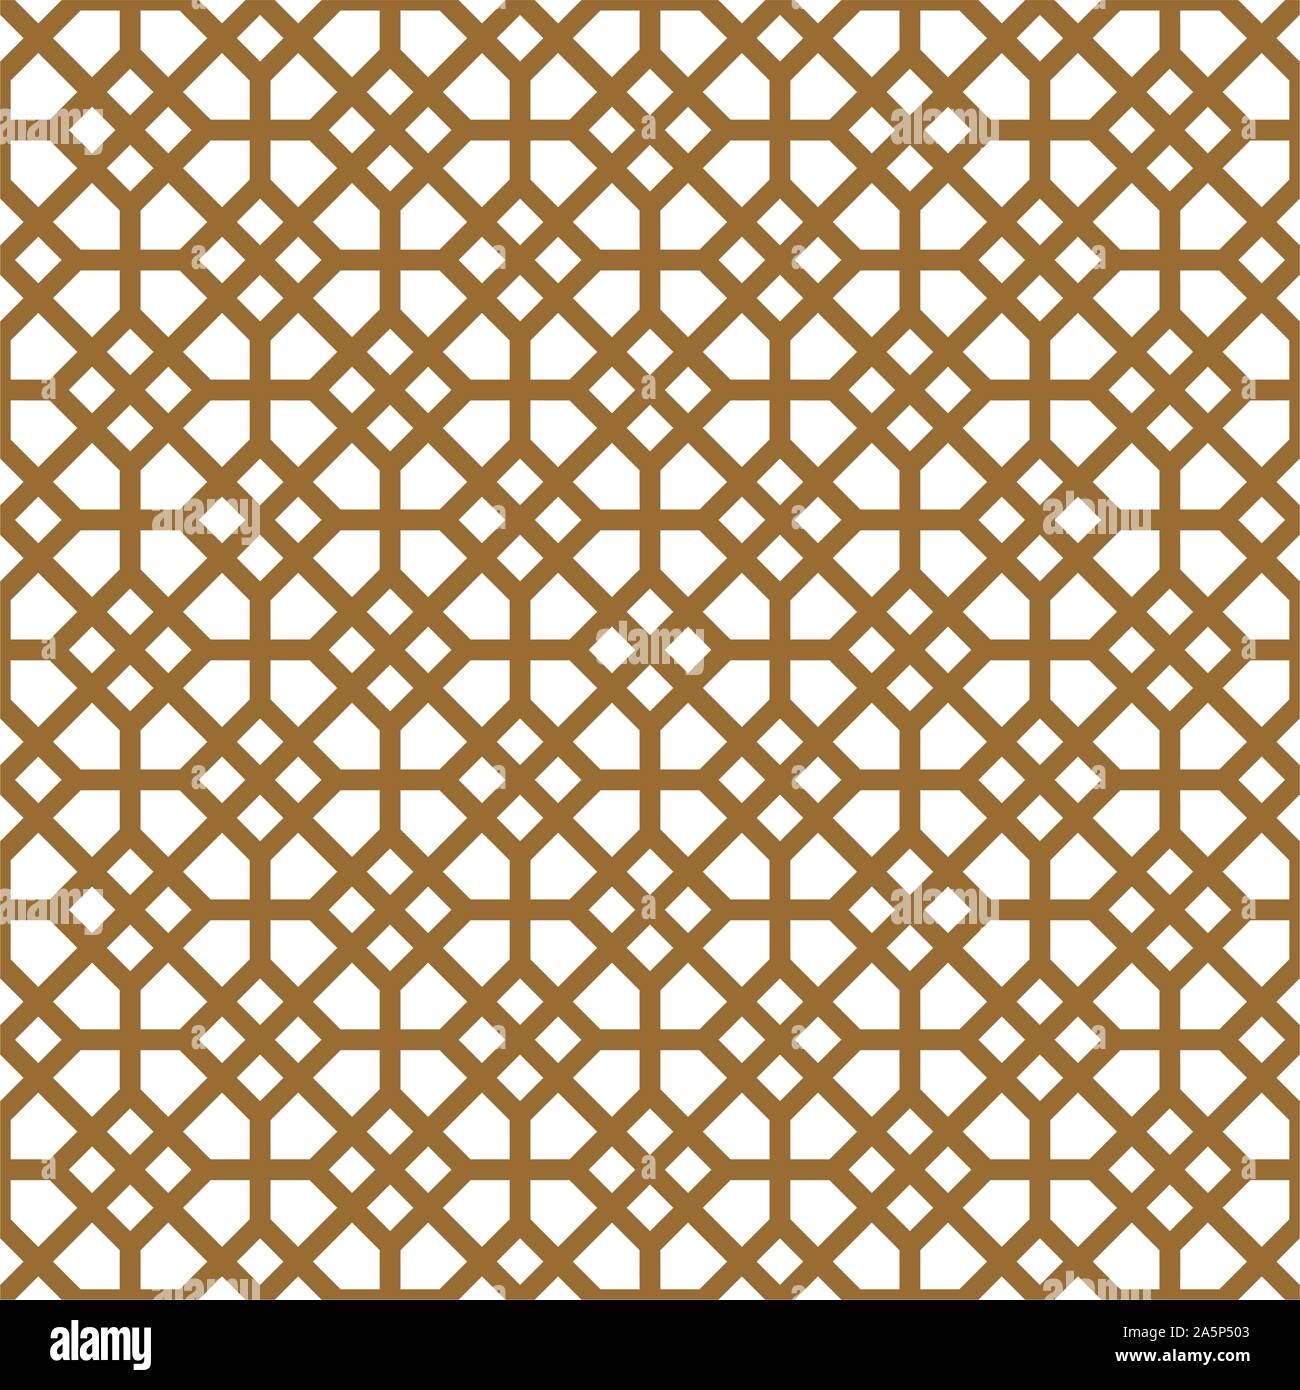 Seamless geométrico, gran diseño para impresión, lasercutting, grabado,envoltura.Pattern vector.fondo blanco y oro.líneas gruesas Ilustración del Vector